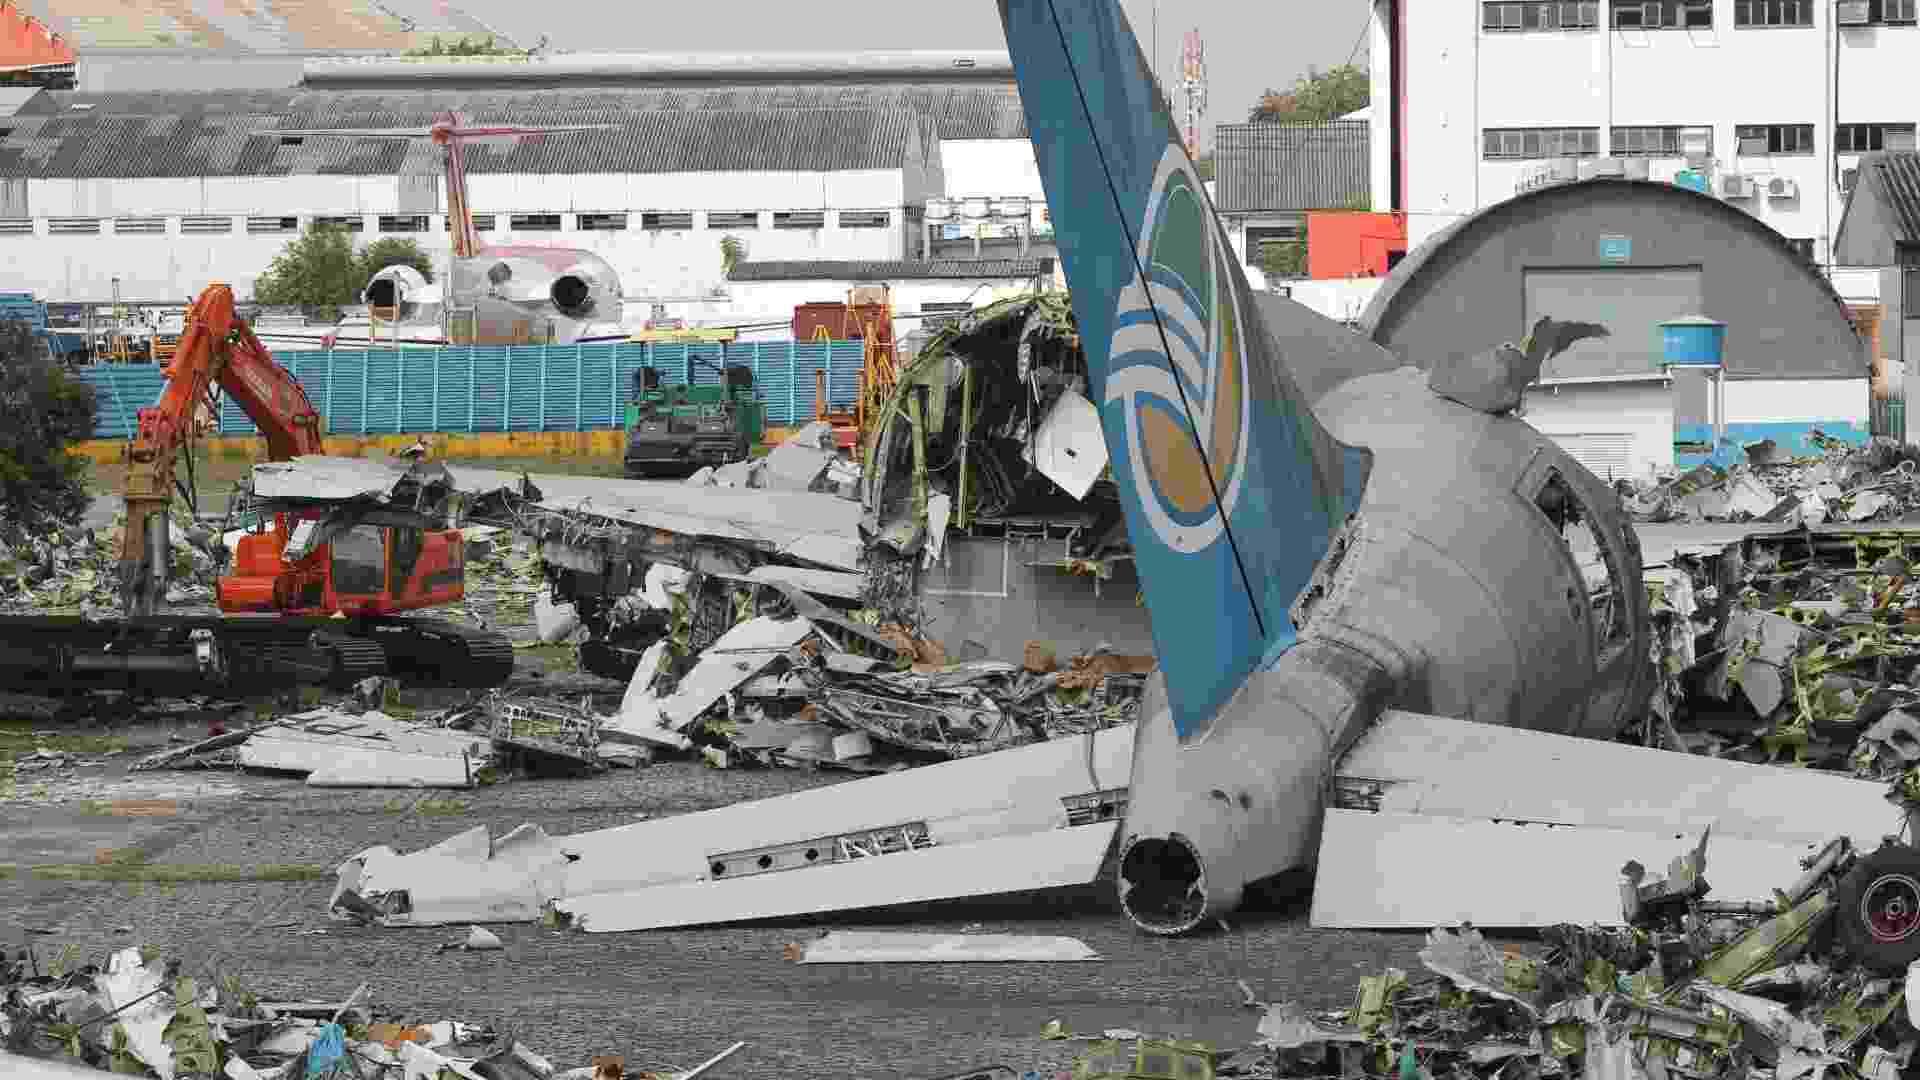 Avião da Vasp, modelo A300, está sendo desmontado no aeroporto de Congonhas, em SP. O dinheiro arrecadado com a venda da sucata será destinado para o pagamento de ex-funcionários e credores da antiga empresa de aviacao - Moacyr Lopes Junior/Folhapress